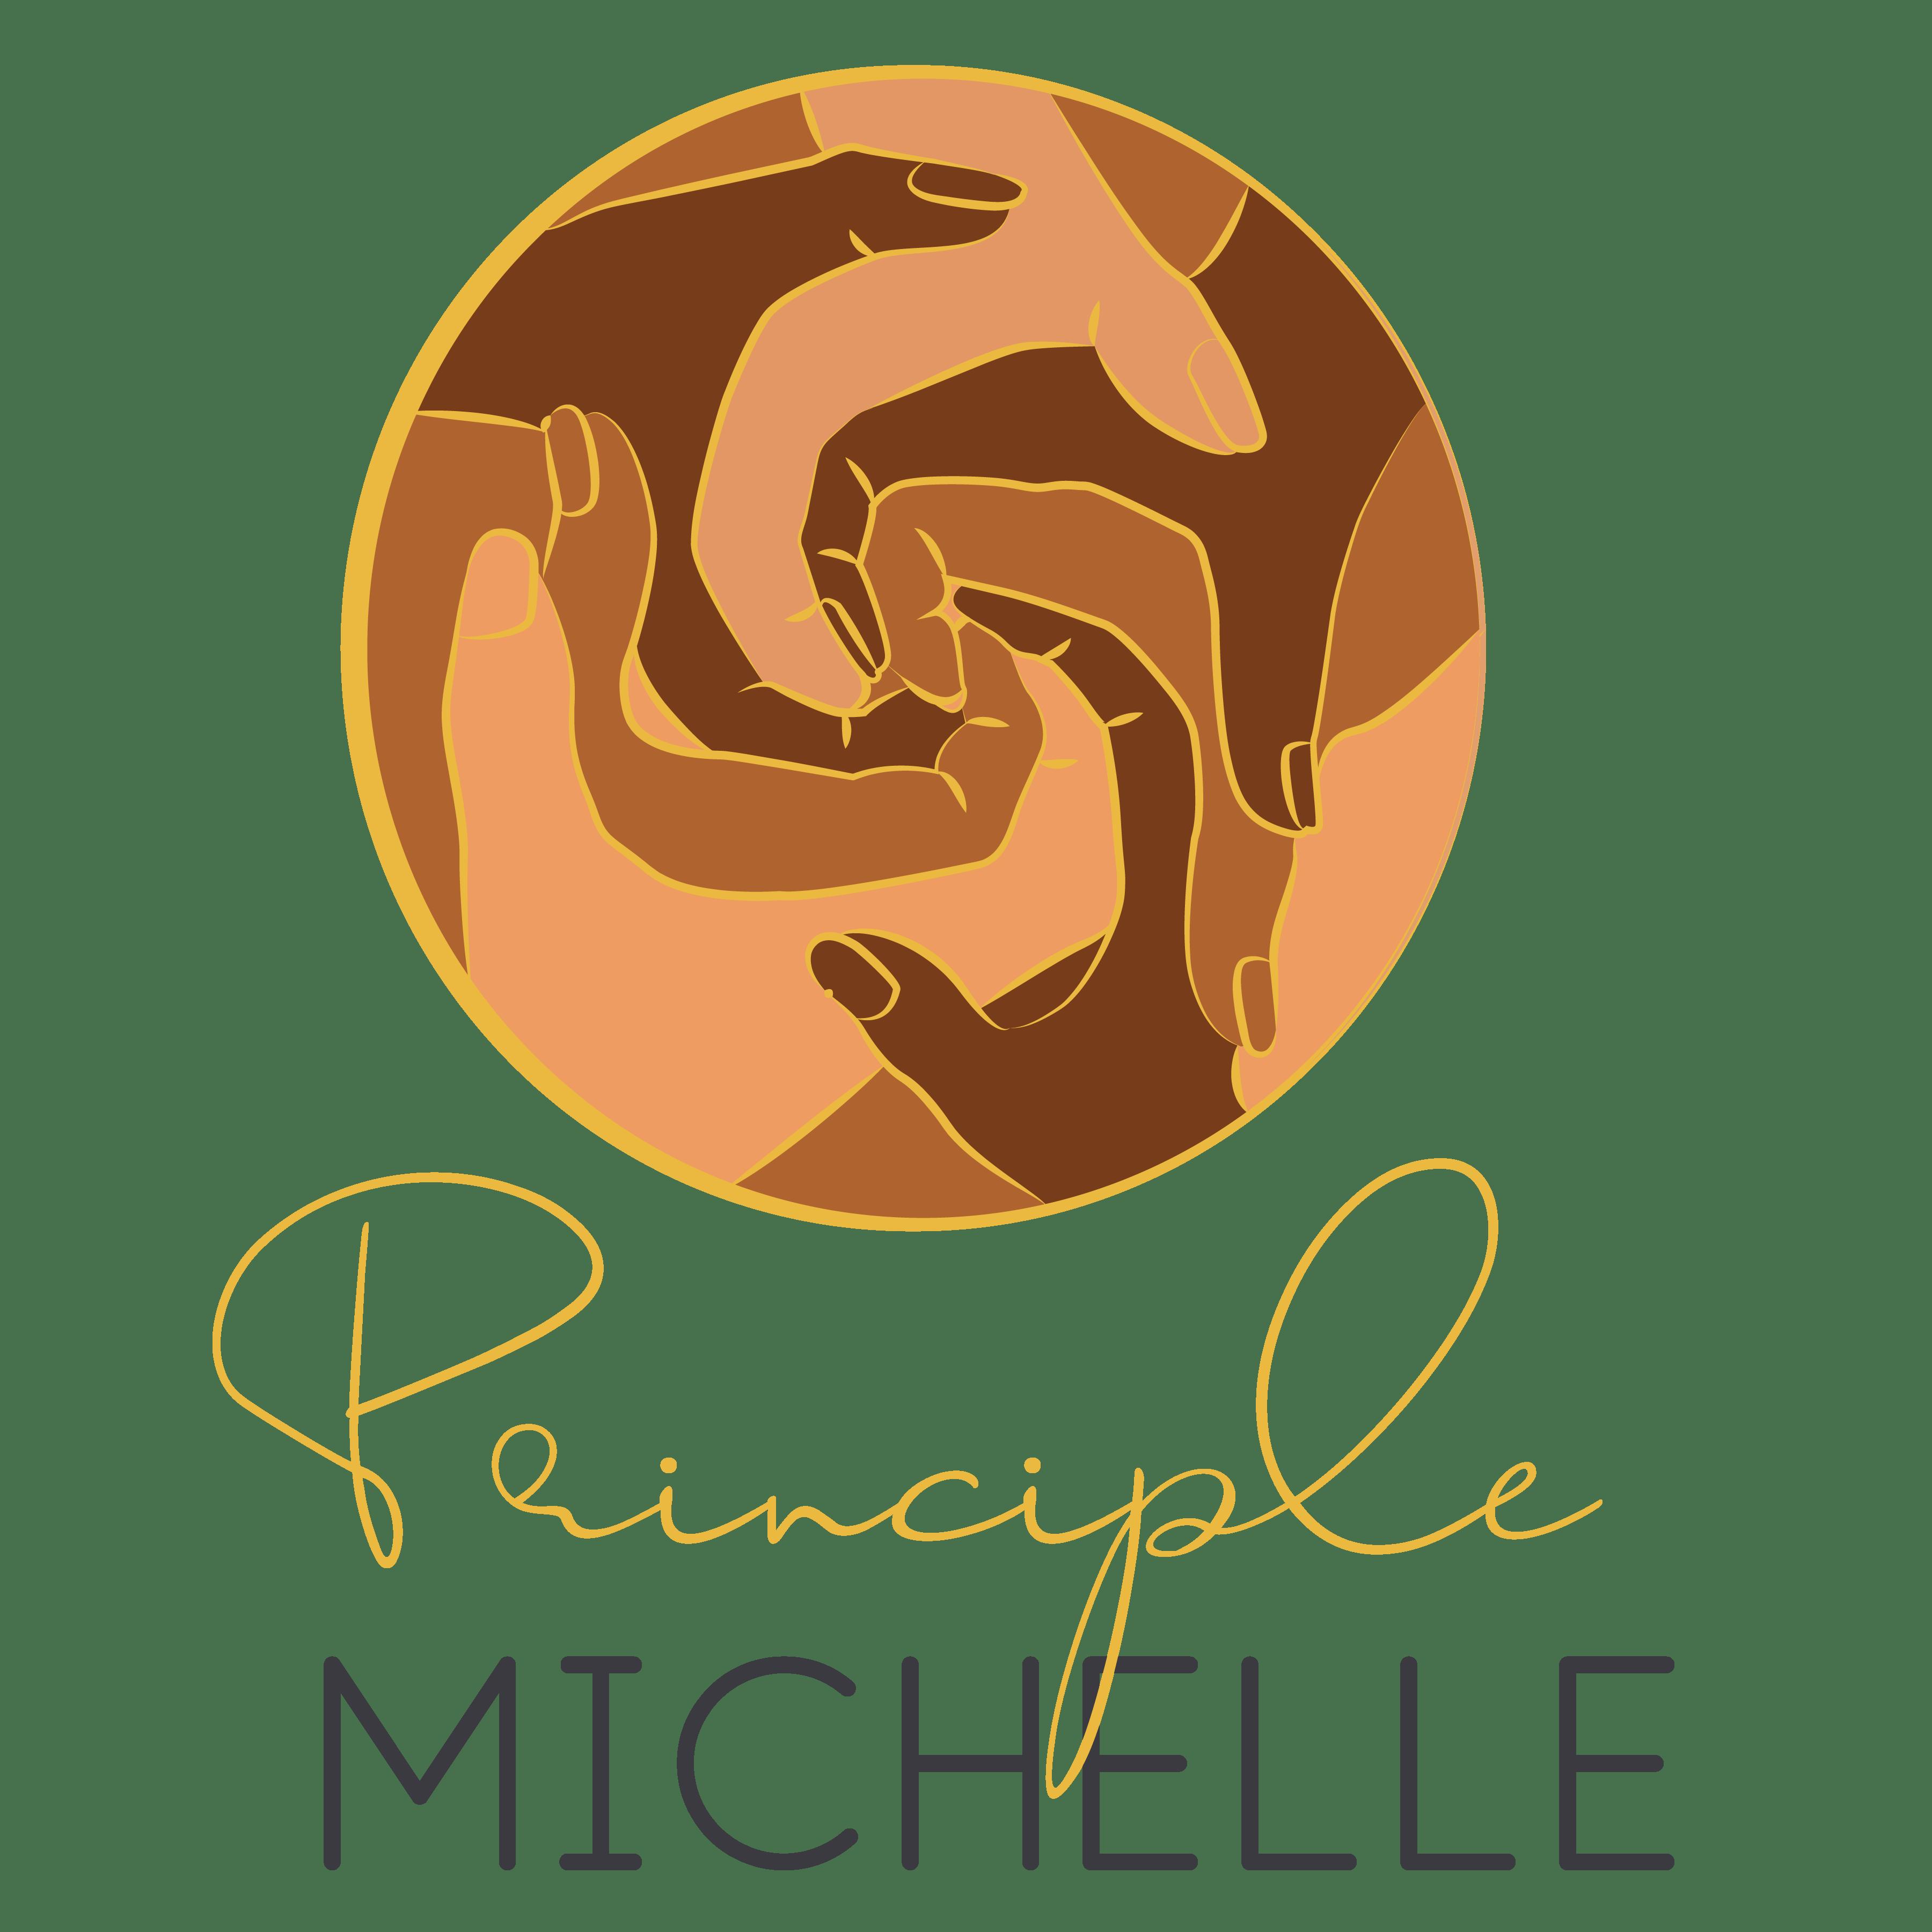 Principle Michelle